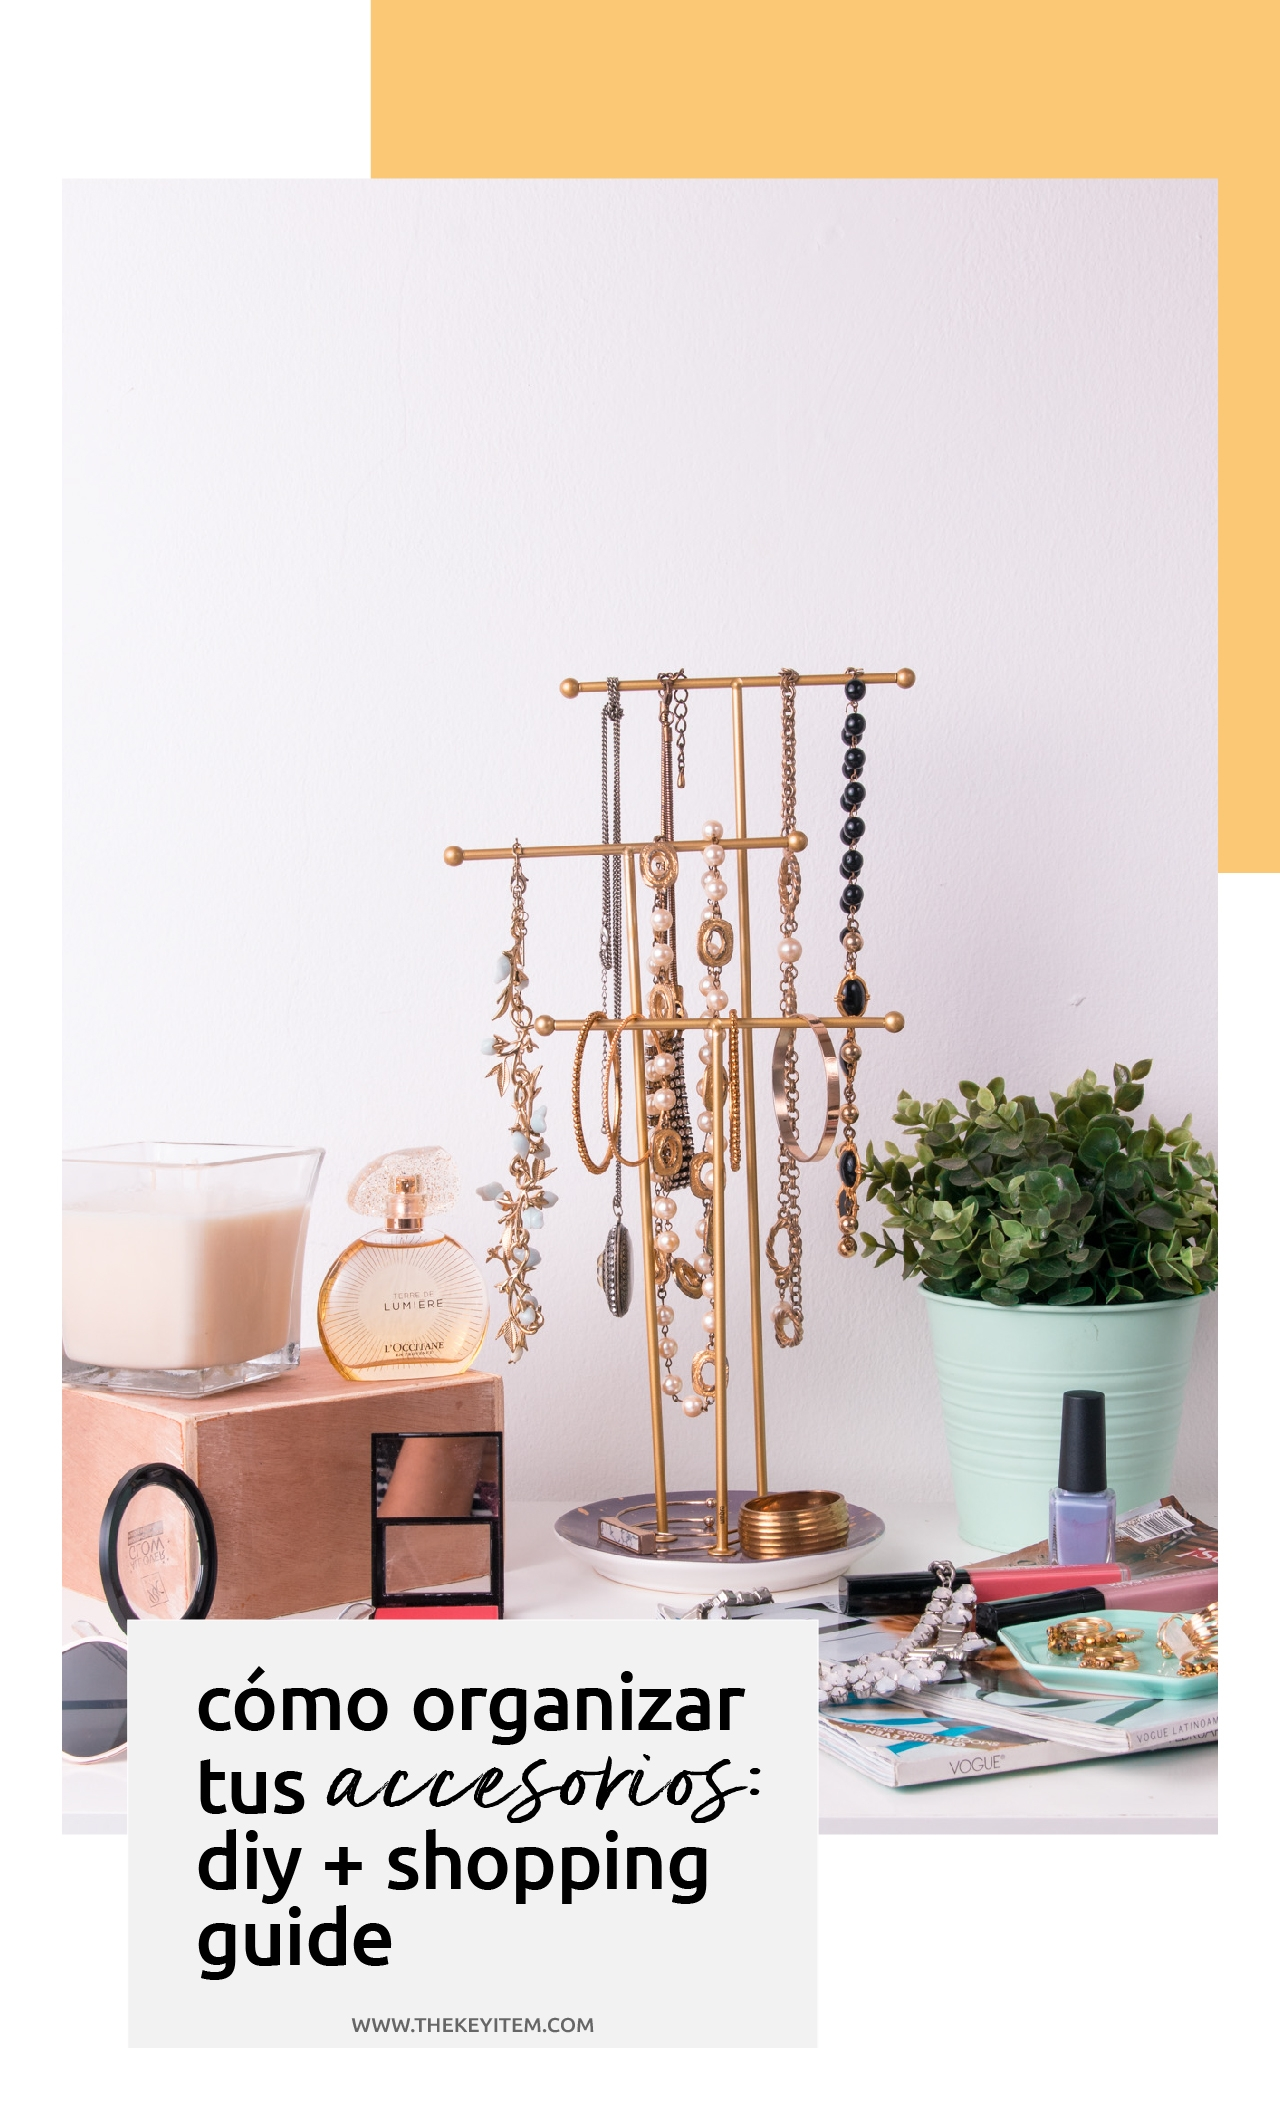 Encontrar ideas creativas para organizar tus accesorios puede ser más divertido de lo que te imaginas. Aquí te comparto ideas DIY y una lista de compras.